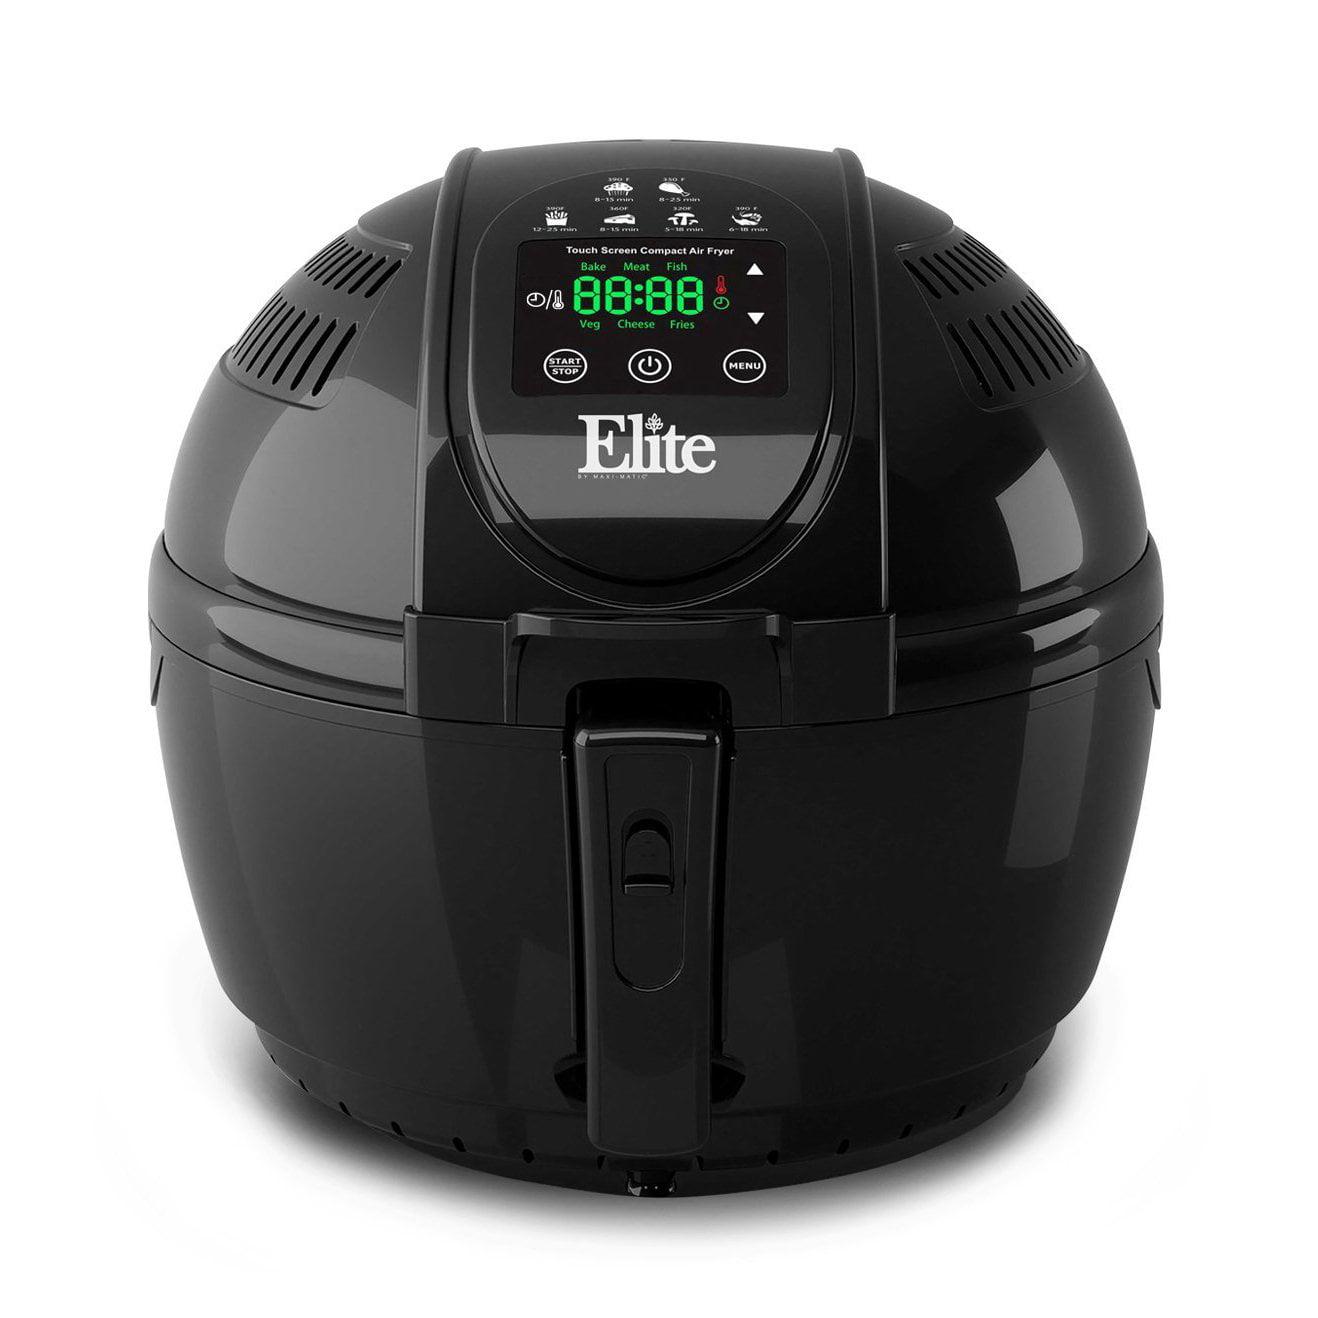 Maxi-Matic Elite EAF-1506D 3.5 Quart 1400 Watt Digital Electric Air Fryer, Black